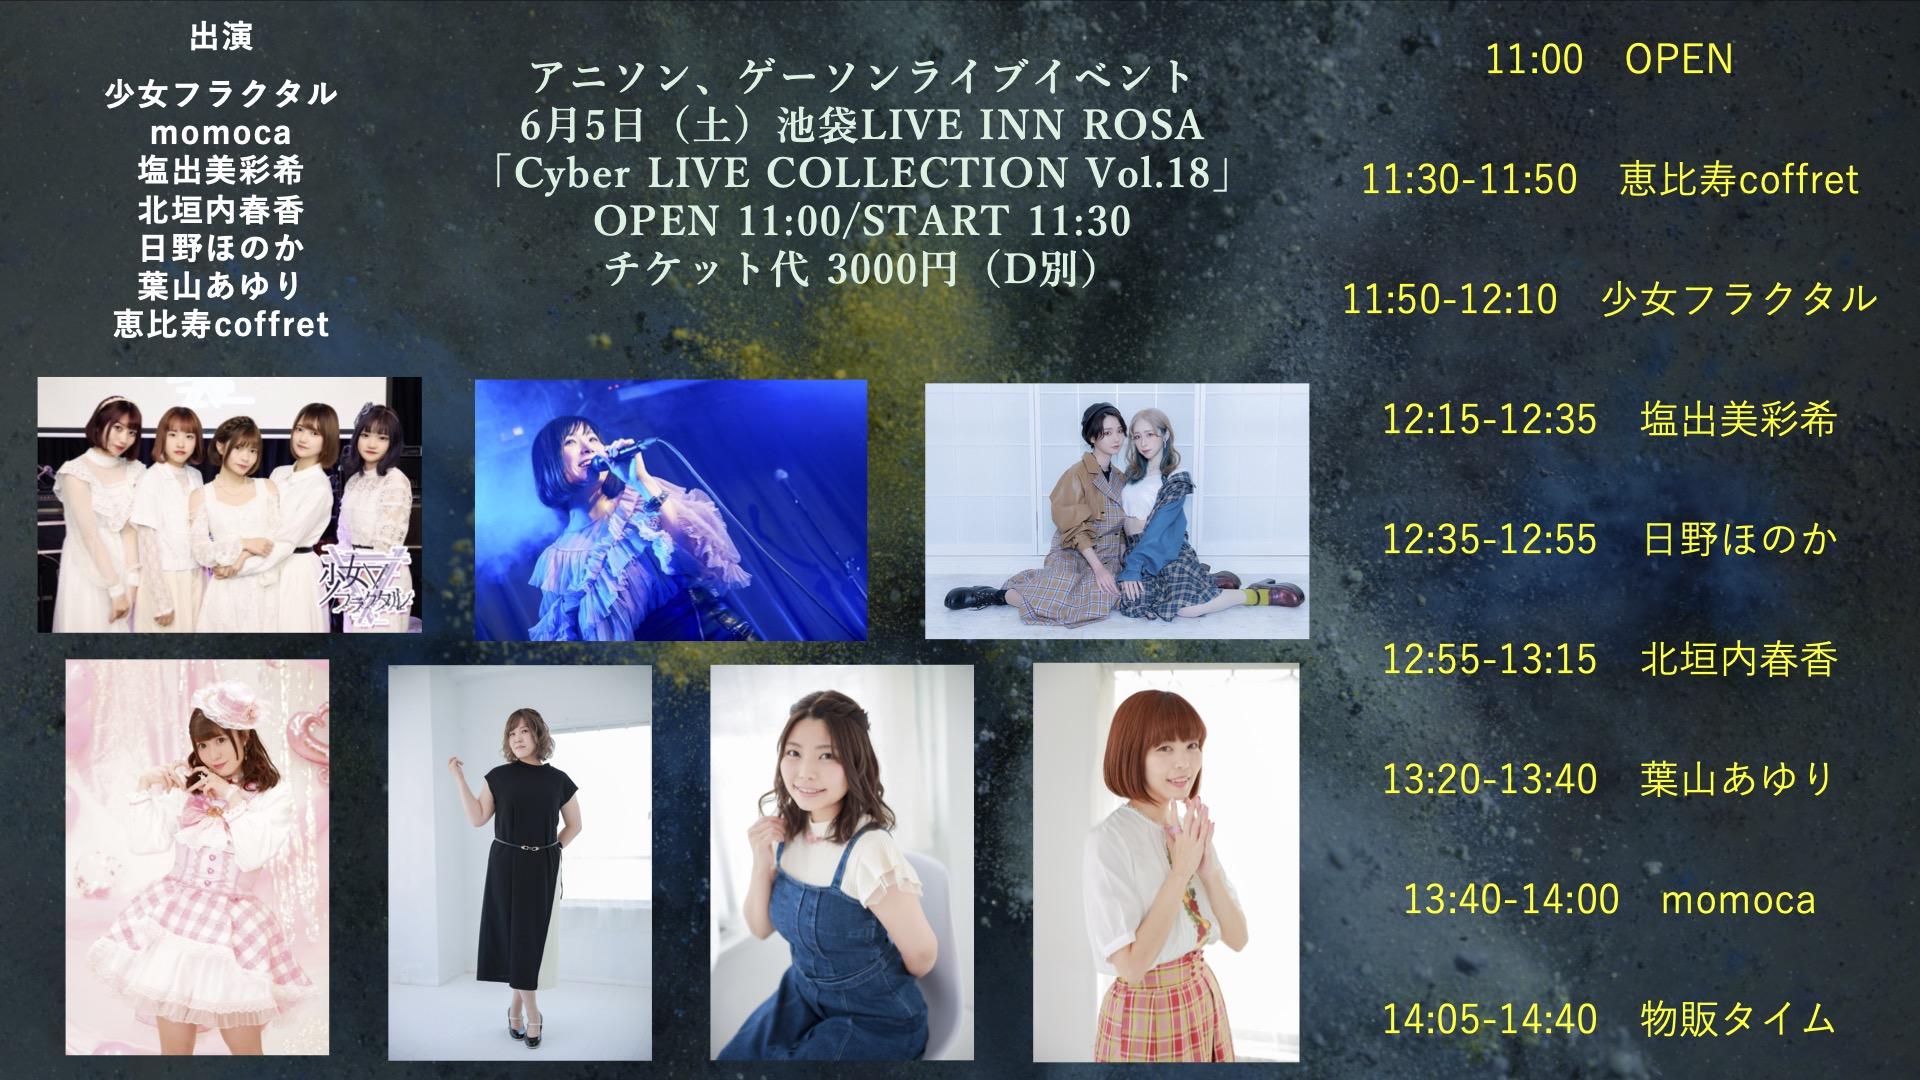 6月5日(土)池袋LIVE IN ROSA  「Cyber  LIVE COLLECTION Vol.18」